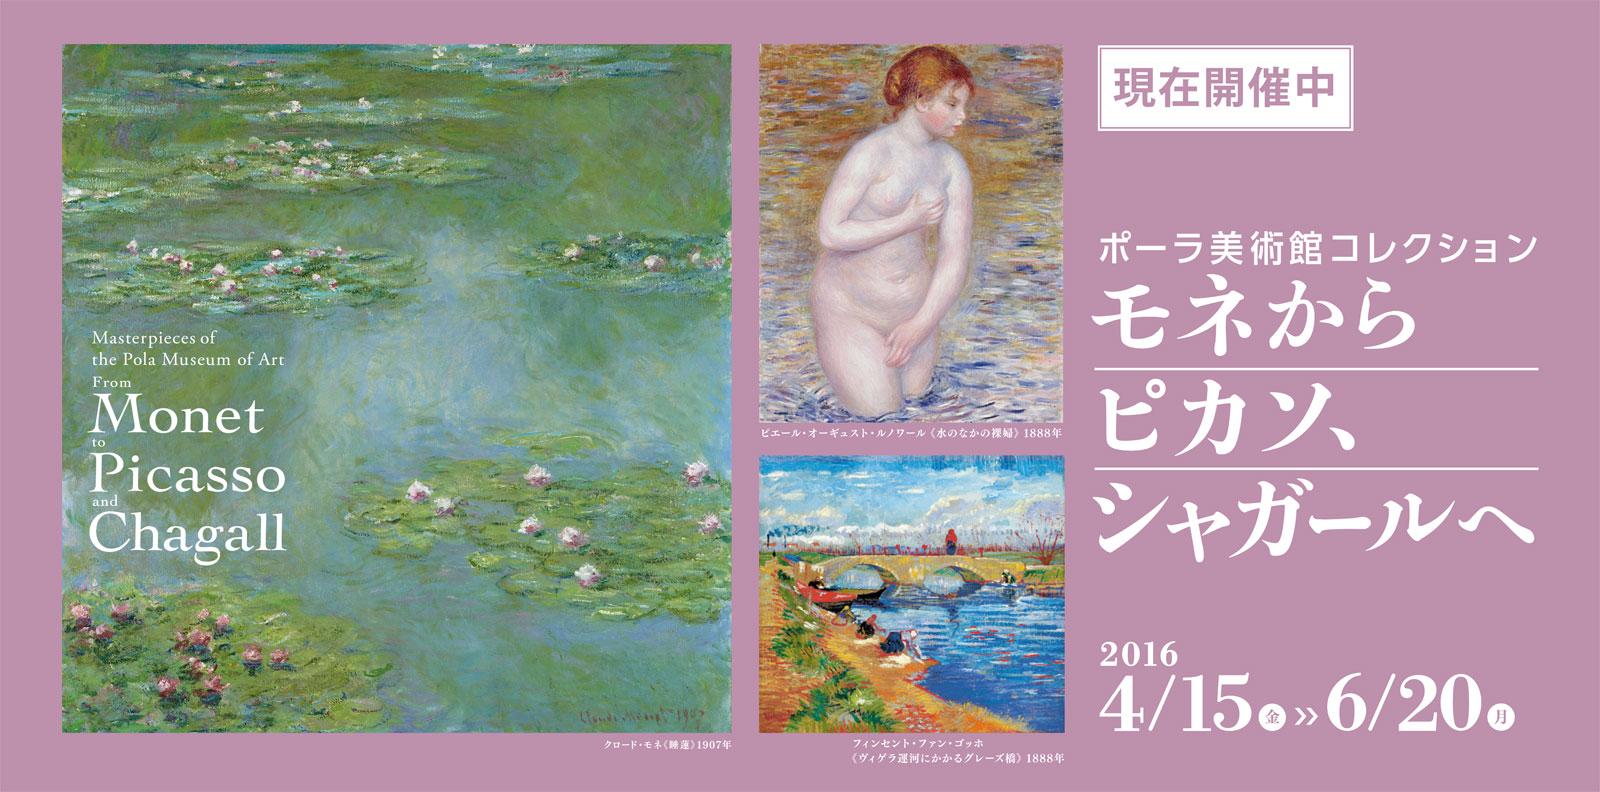 島根県立美術館ポスター